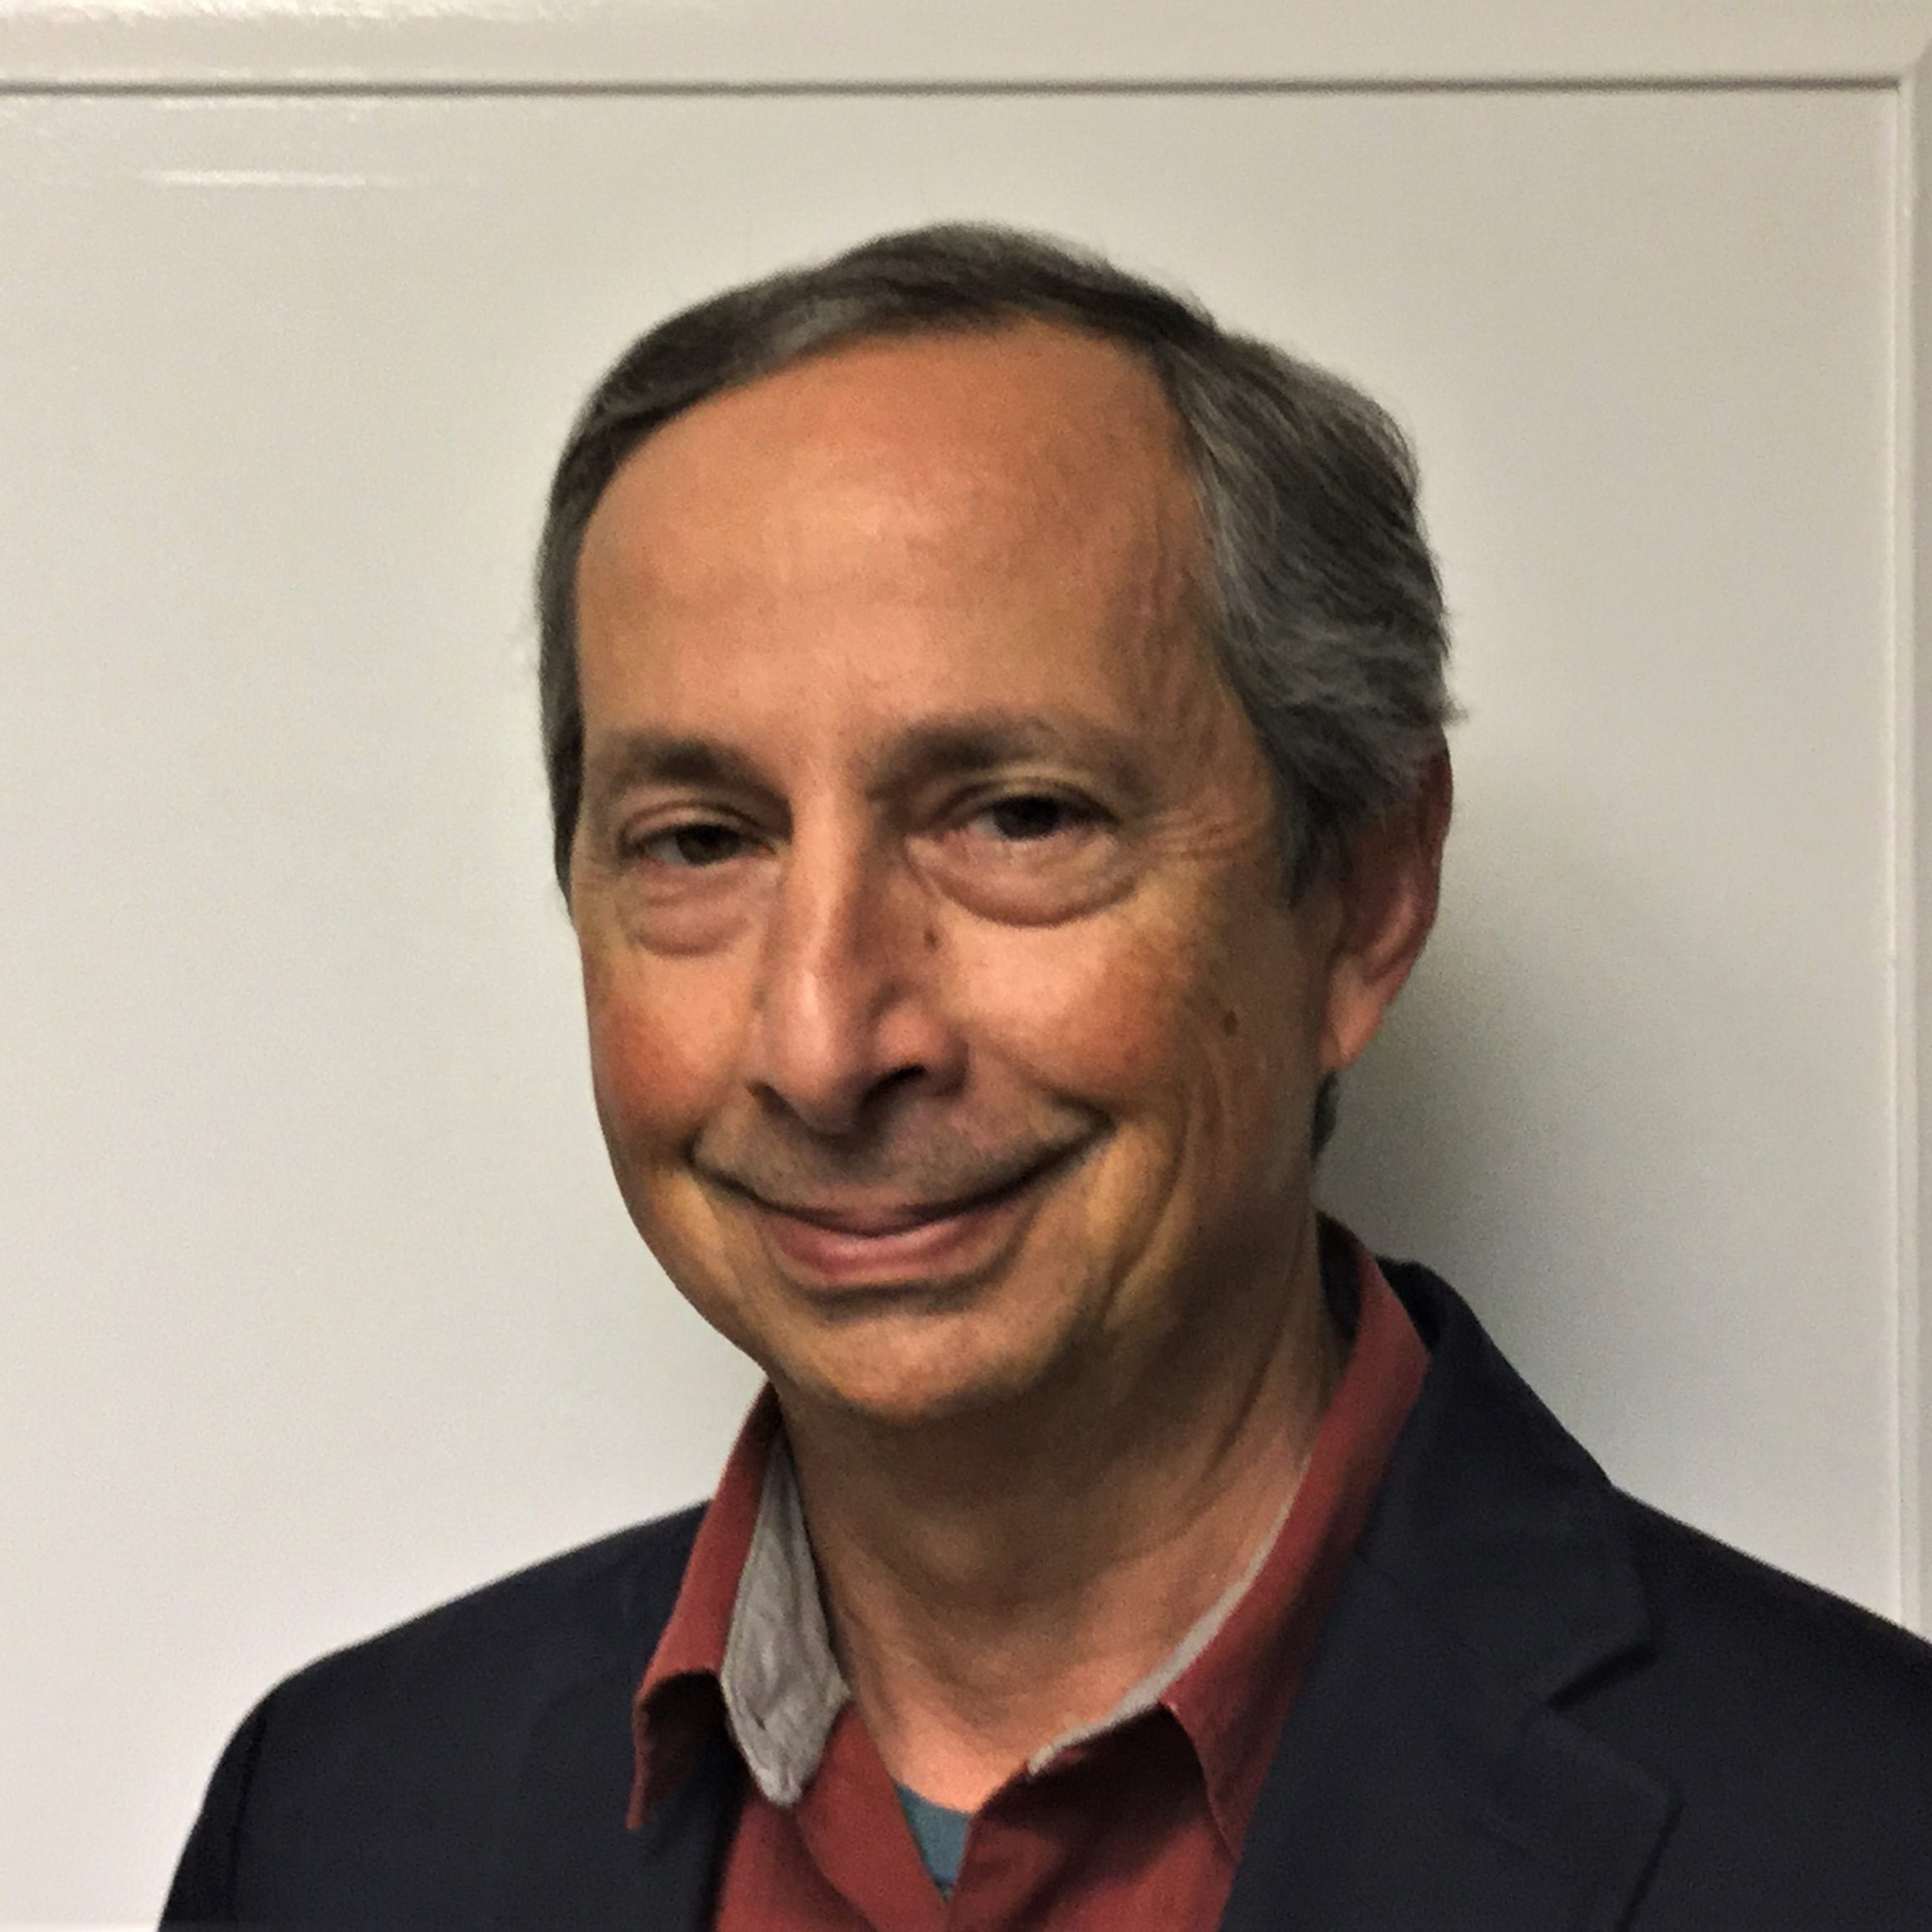 Dave Paoletta